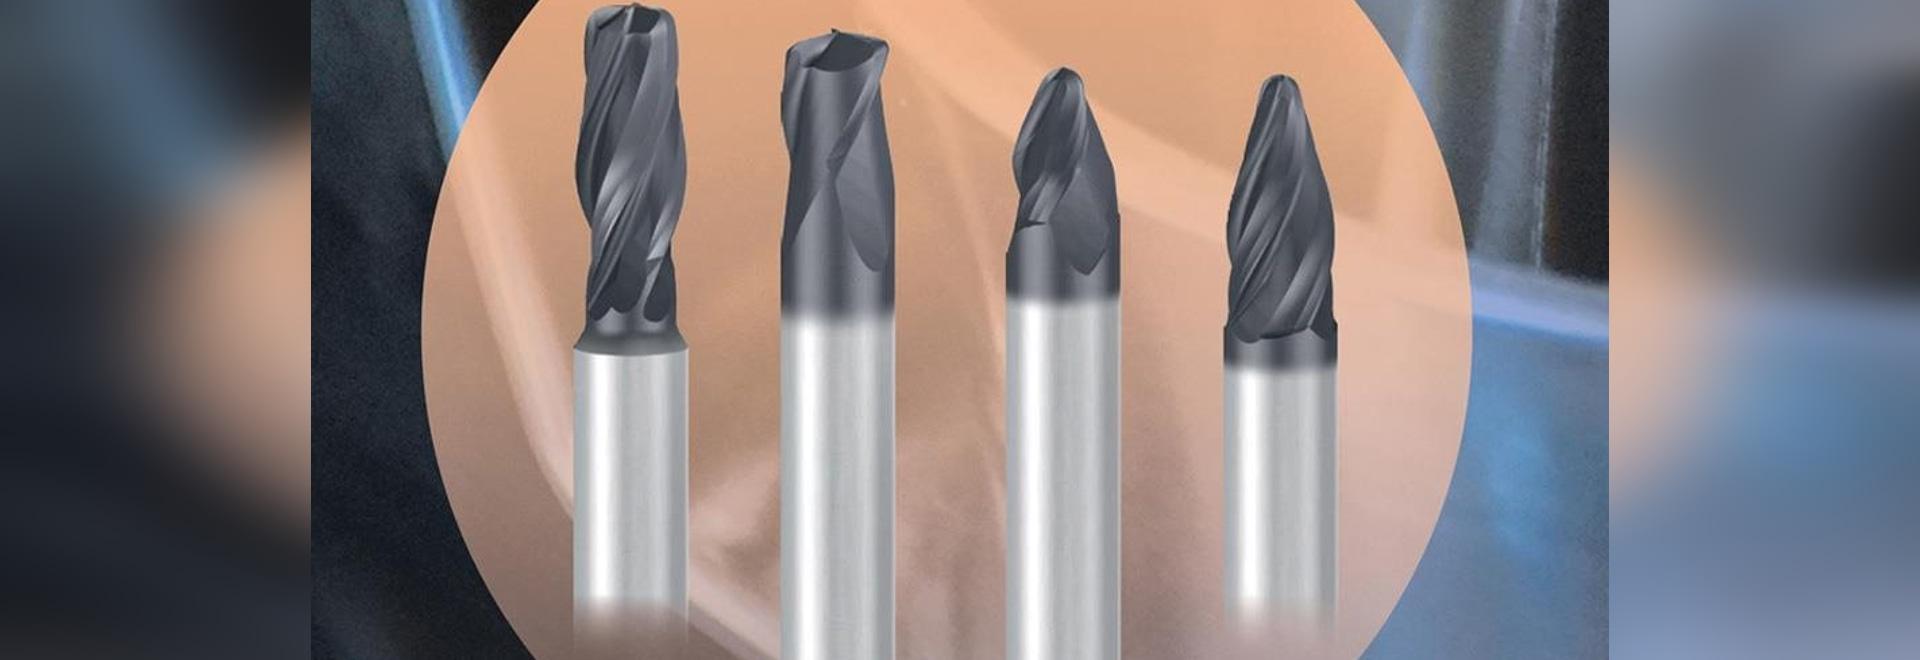 Extrémité Mills Offer More Material Removal de Cercle-segment avec moins passages